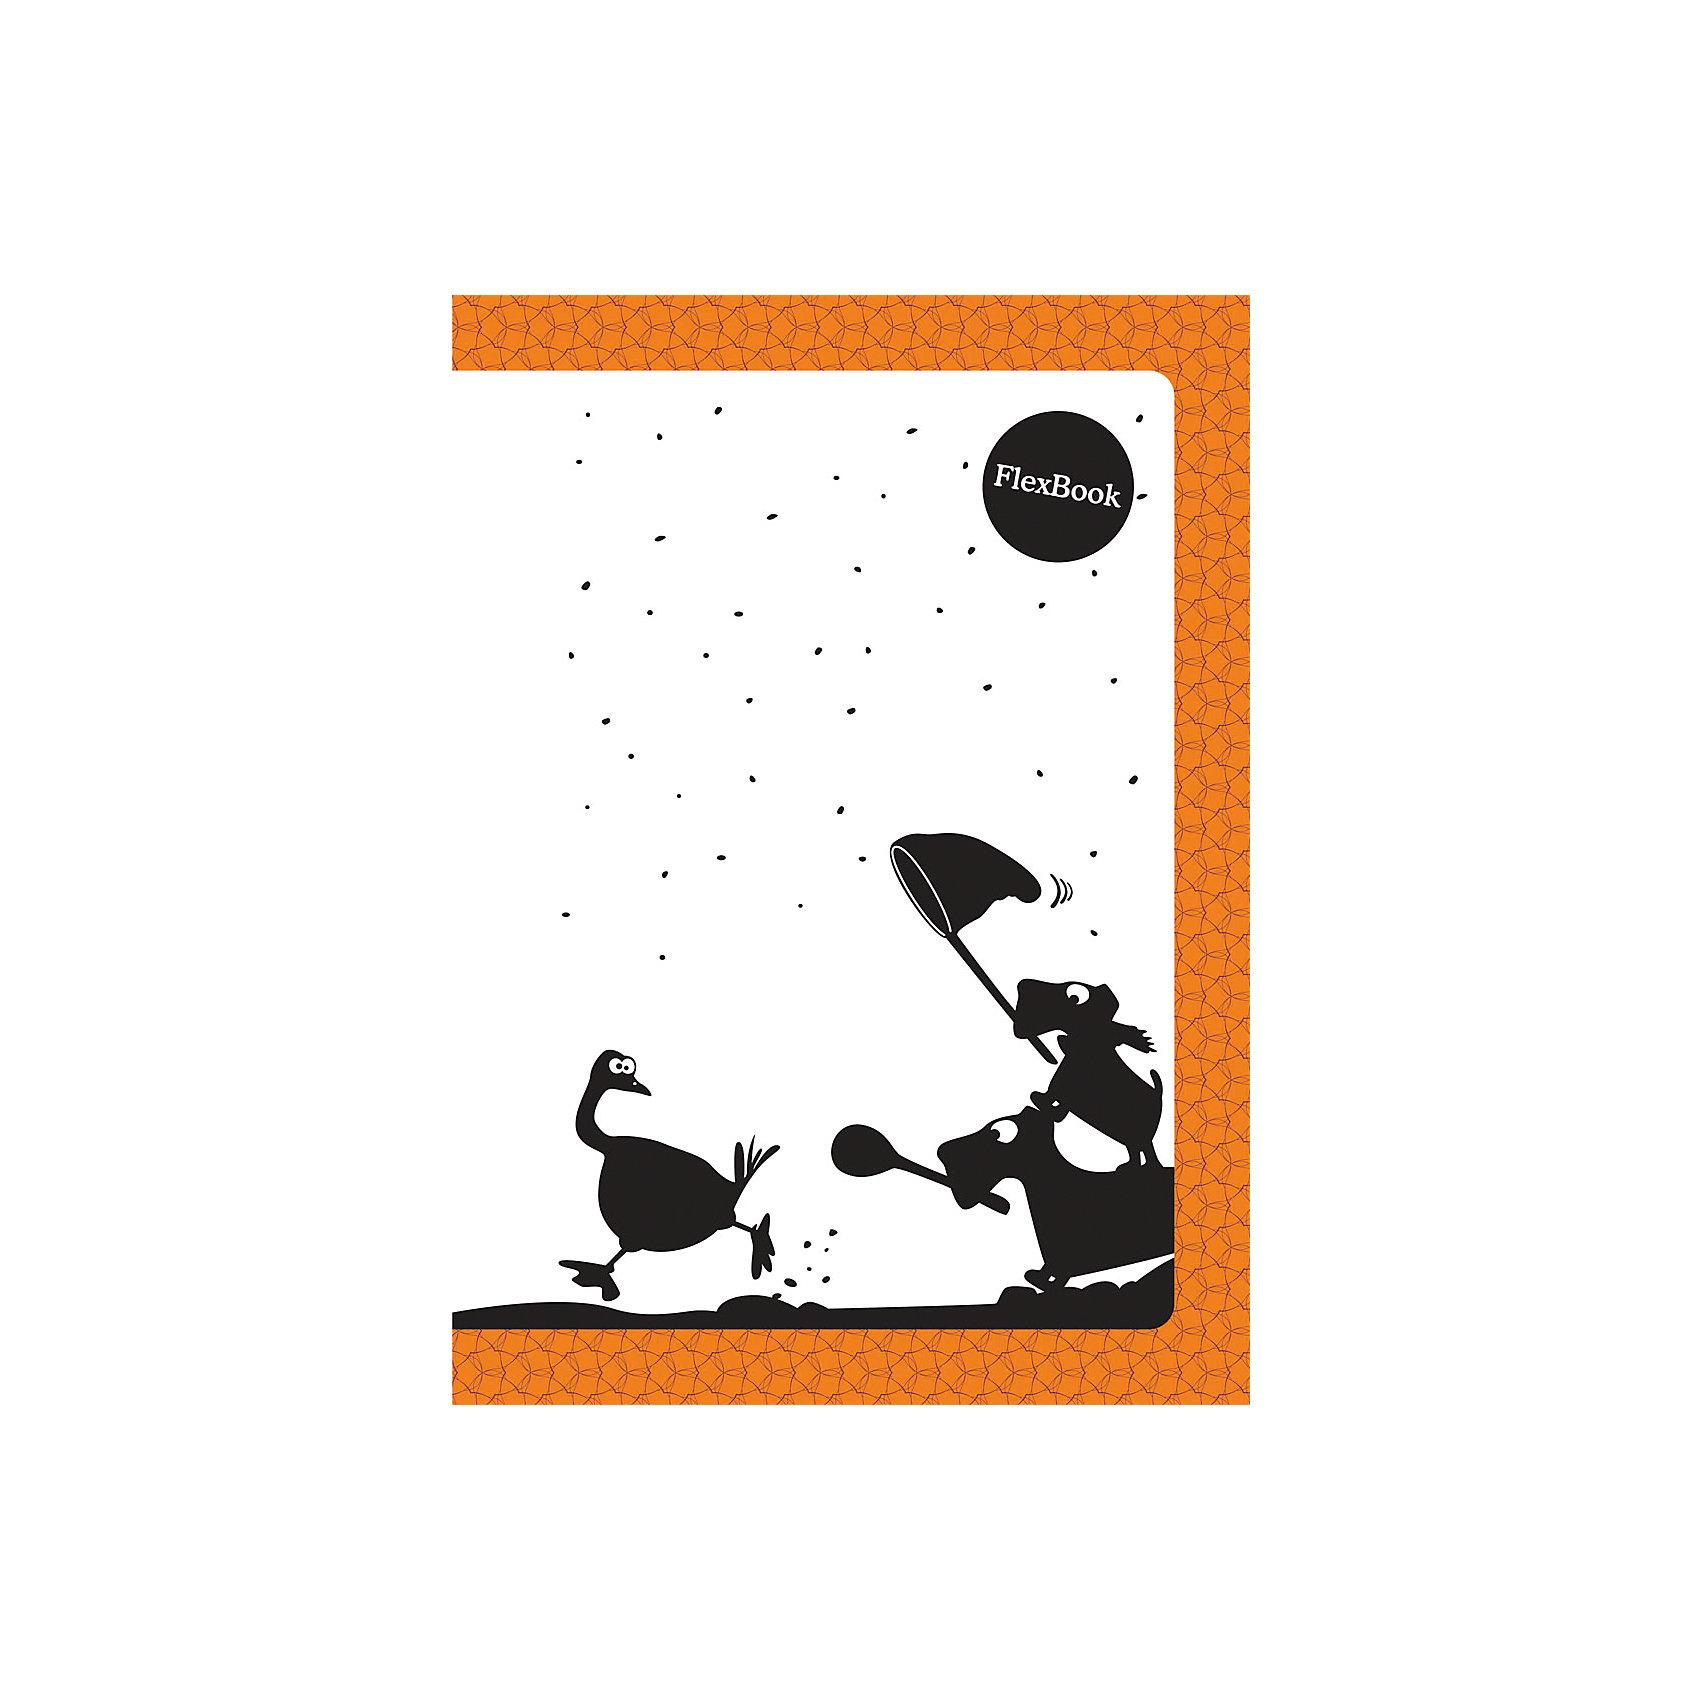 Оранжевая тетрадь А5 Flex book 80 листовБумажная продукция<br>Оранжевая тетрадь А5 Flex book 80 листов<br><br>Характеристики:<br><br>• Количество листов: 80<br>• Формат: А5<br>• Цвет: оранжевая<br>• Вес: 184г<br>• Размер: 210х7х145мм<br><br>Тетрадь изготовлена по технологии Seihon: креплением тетради служит склейка с добавлением специального клея. Дополнительную прочность такого крепления гарантирует ПВХ корешок, который расположен вертикально на корешке каждой тетради.<br>Такое крепление позволяет тетради:<br>- разворачиваться на 360о<br>- сгибаться и складываться, не ломаясь<br>Такая тетрадь-трансформер будет удобной для всех. В такой тетради можно писать даже навесу. А еще – она будет великолепно подходить для левшей, так как ни спираль, ни скрепка не будут в этом случае мешать письму.<br>Мелованная обложка с полноцветной печатью и блок из белой бумаги плотностью 60г/м2. Тетрадь упакована в полиэтиленовый пакет.<br><br>Ширина мм: 210<br>Глубина мм: 5<br>Высота мм: 145<br>Вес г: 144<br>Возраст от месяцев: 84<br>Возраст до месяцев: 360<br>Пол: Унисекс<br>Возраст: Детский<br>SKU: 5390358